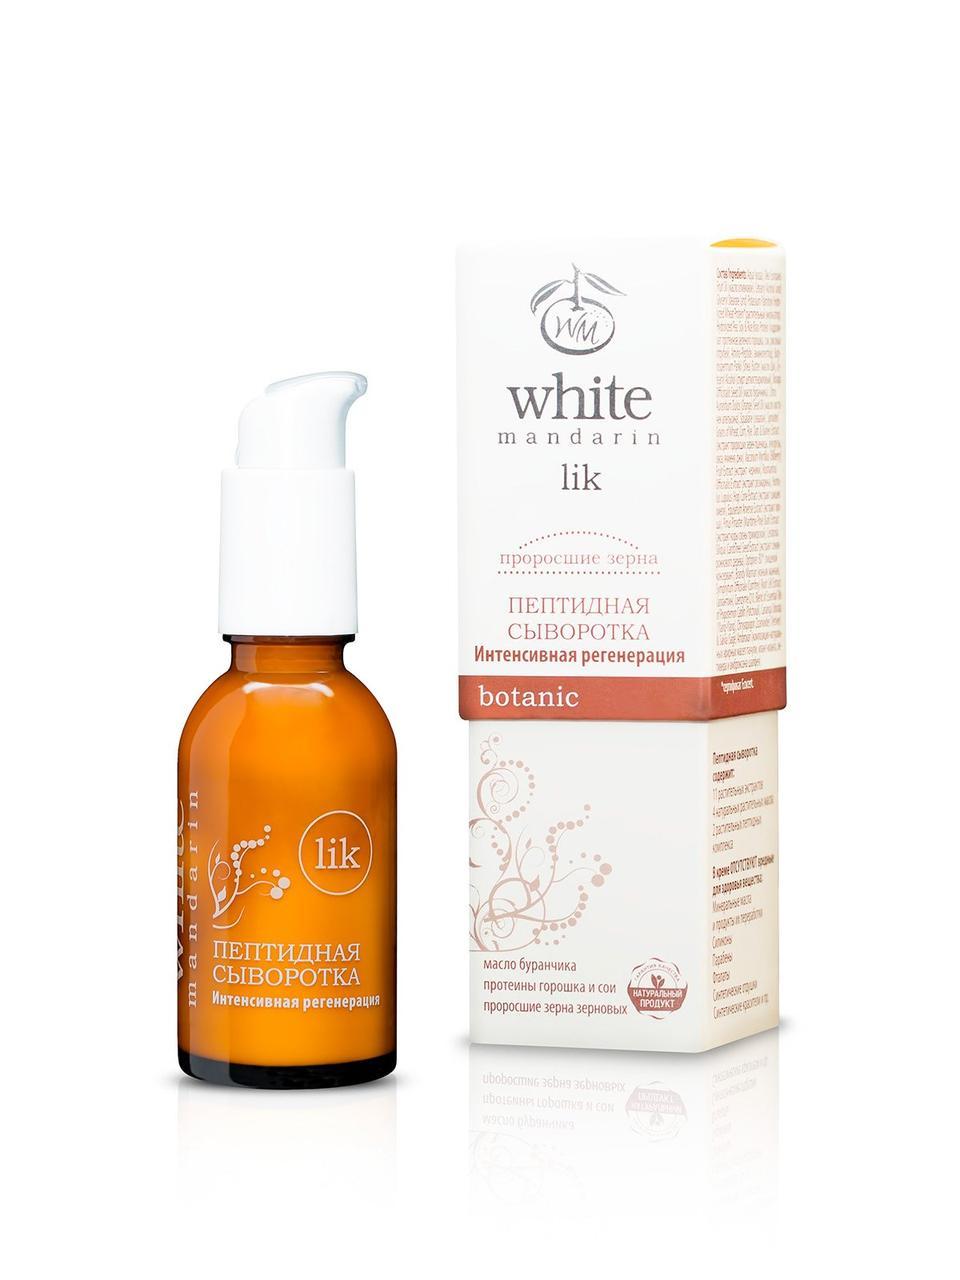 """Пептидная сыворотка для лица (интенсивная регенерация) White Mandarin """"Проросшие зерна"""", 30 мл."""